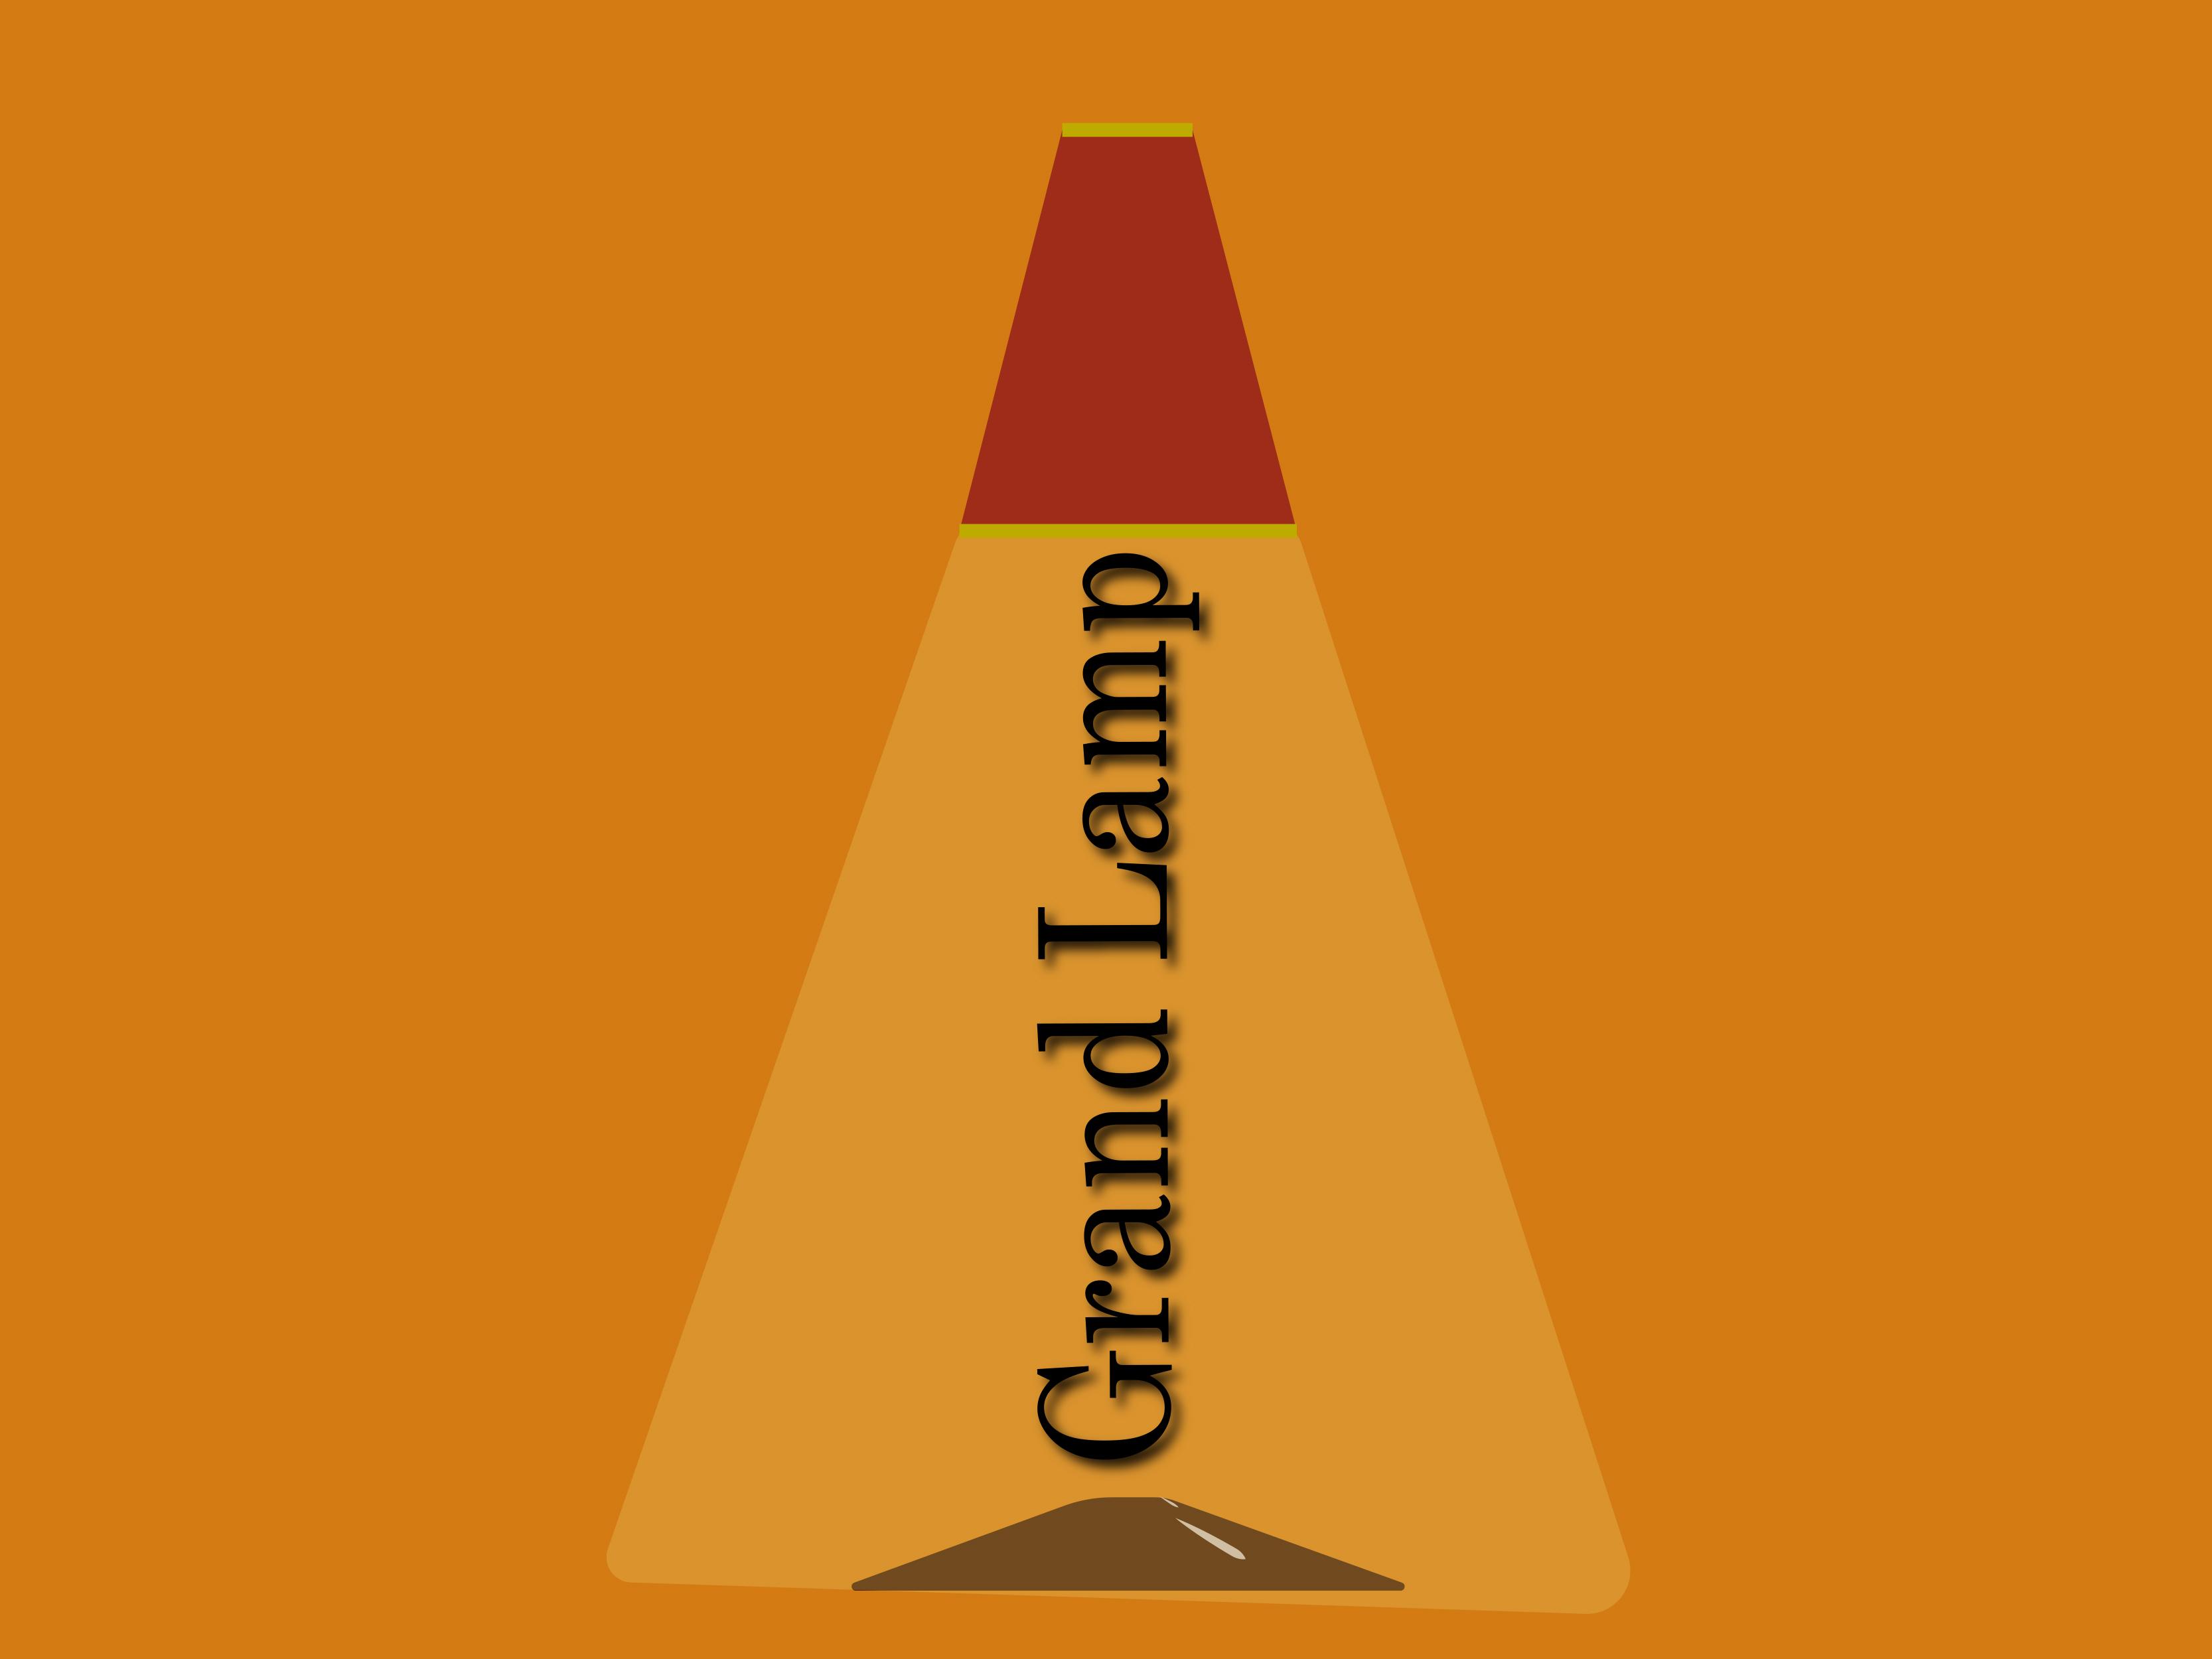 Разработка логотипа и элементов фирменного стиля фото f_73457ef9ba34ab14.jpg